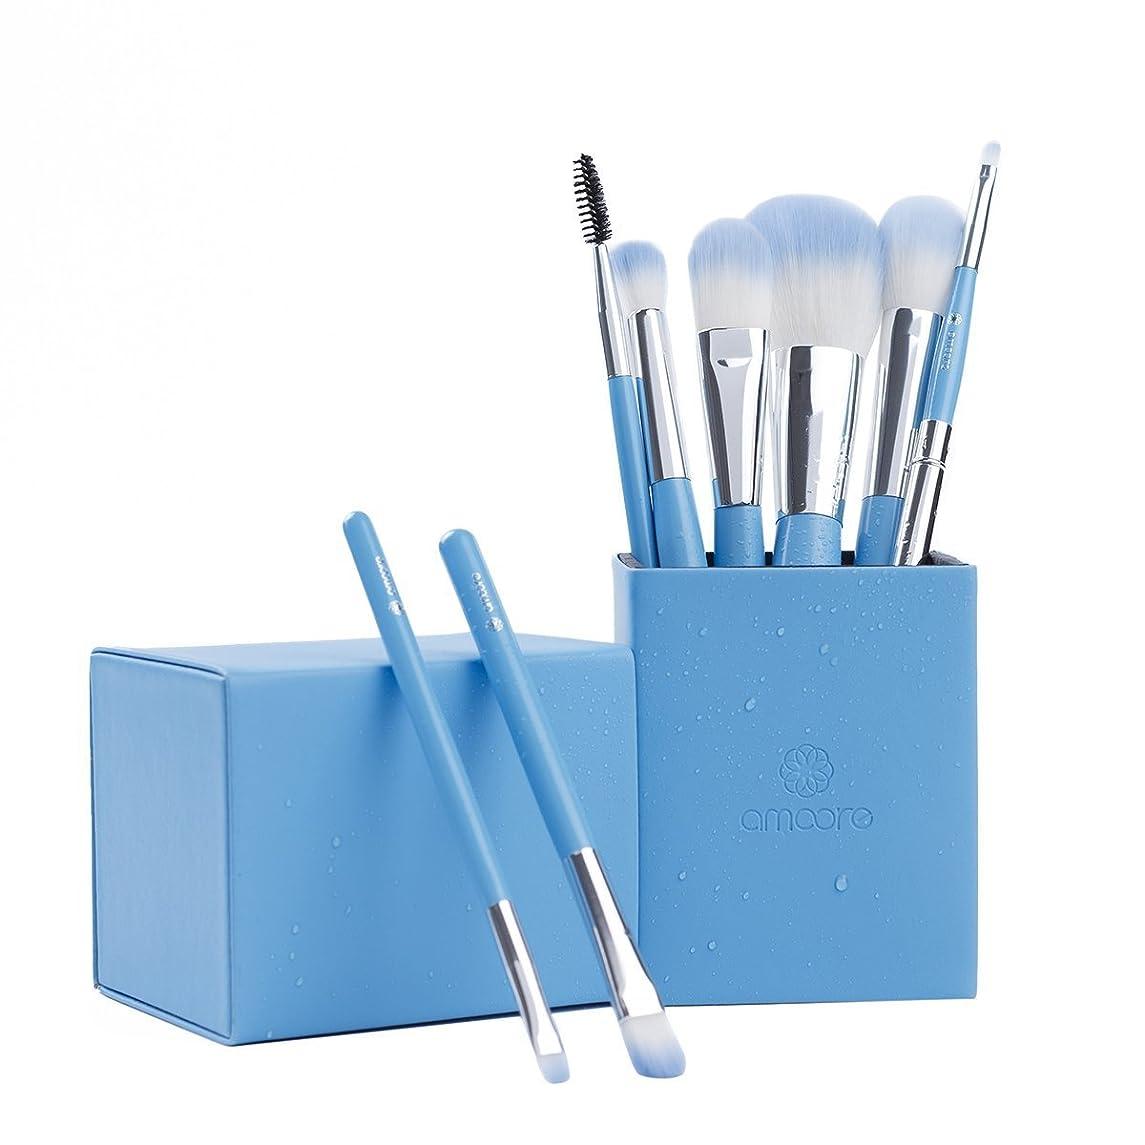 発火する死んでいるつかまえるamoore 化粧筆 メイクブラシセット 化粧ブラシ セット コスメ ブラシ 収納ケース付き (8本, 水色)